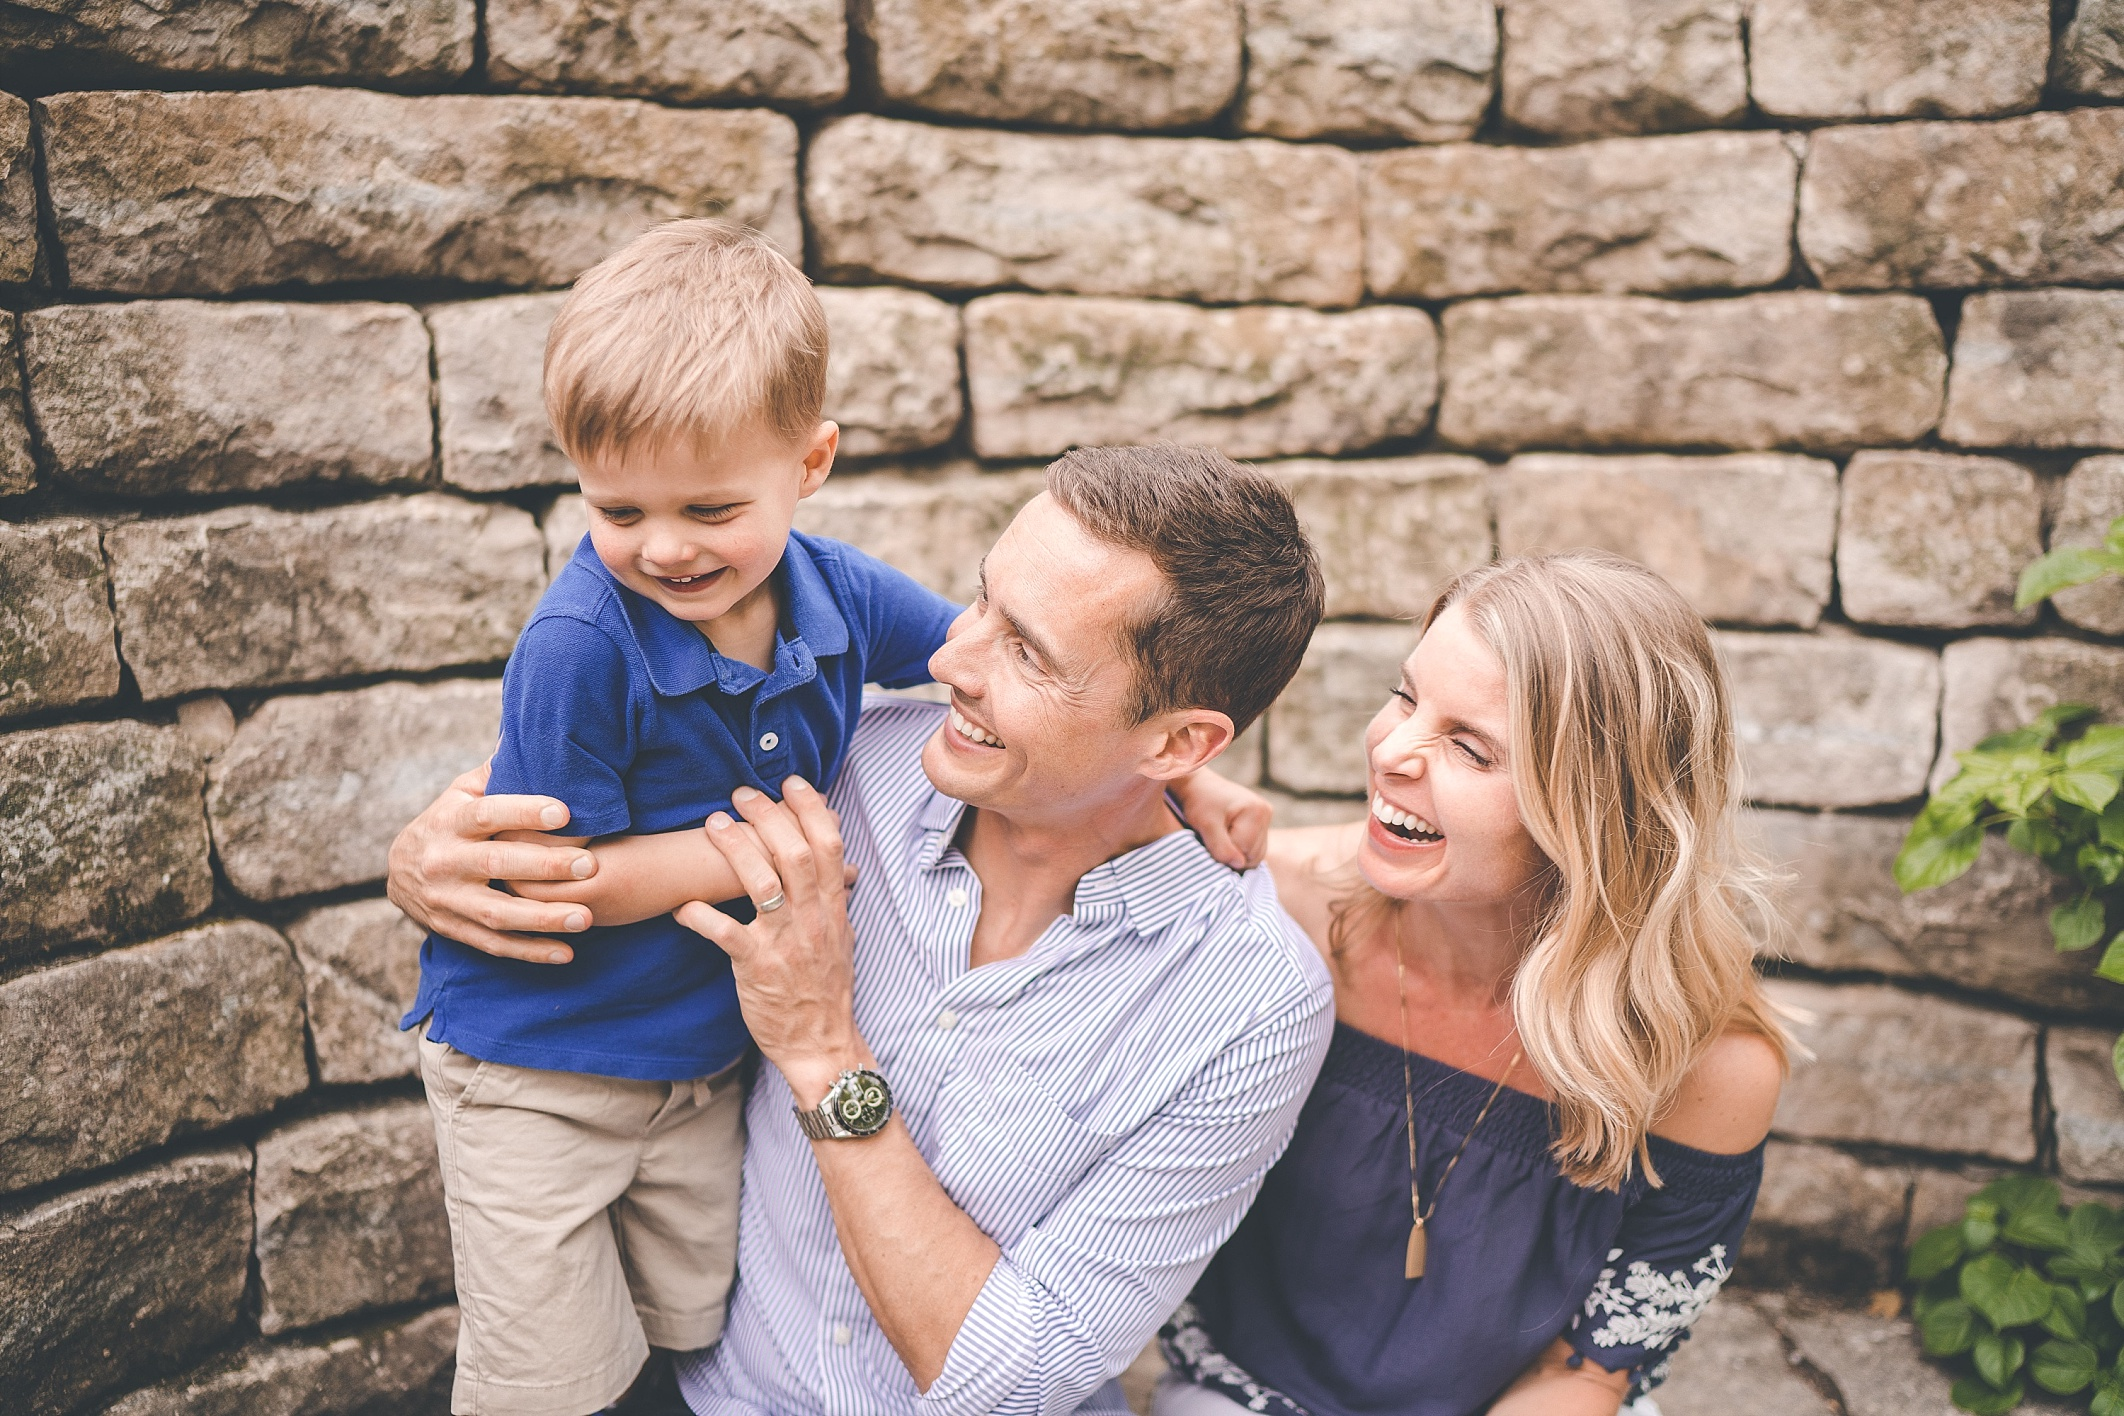 columbus-family-photographer-children_0044.jpg